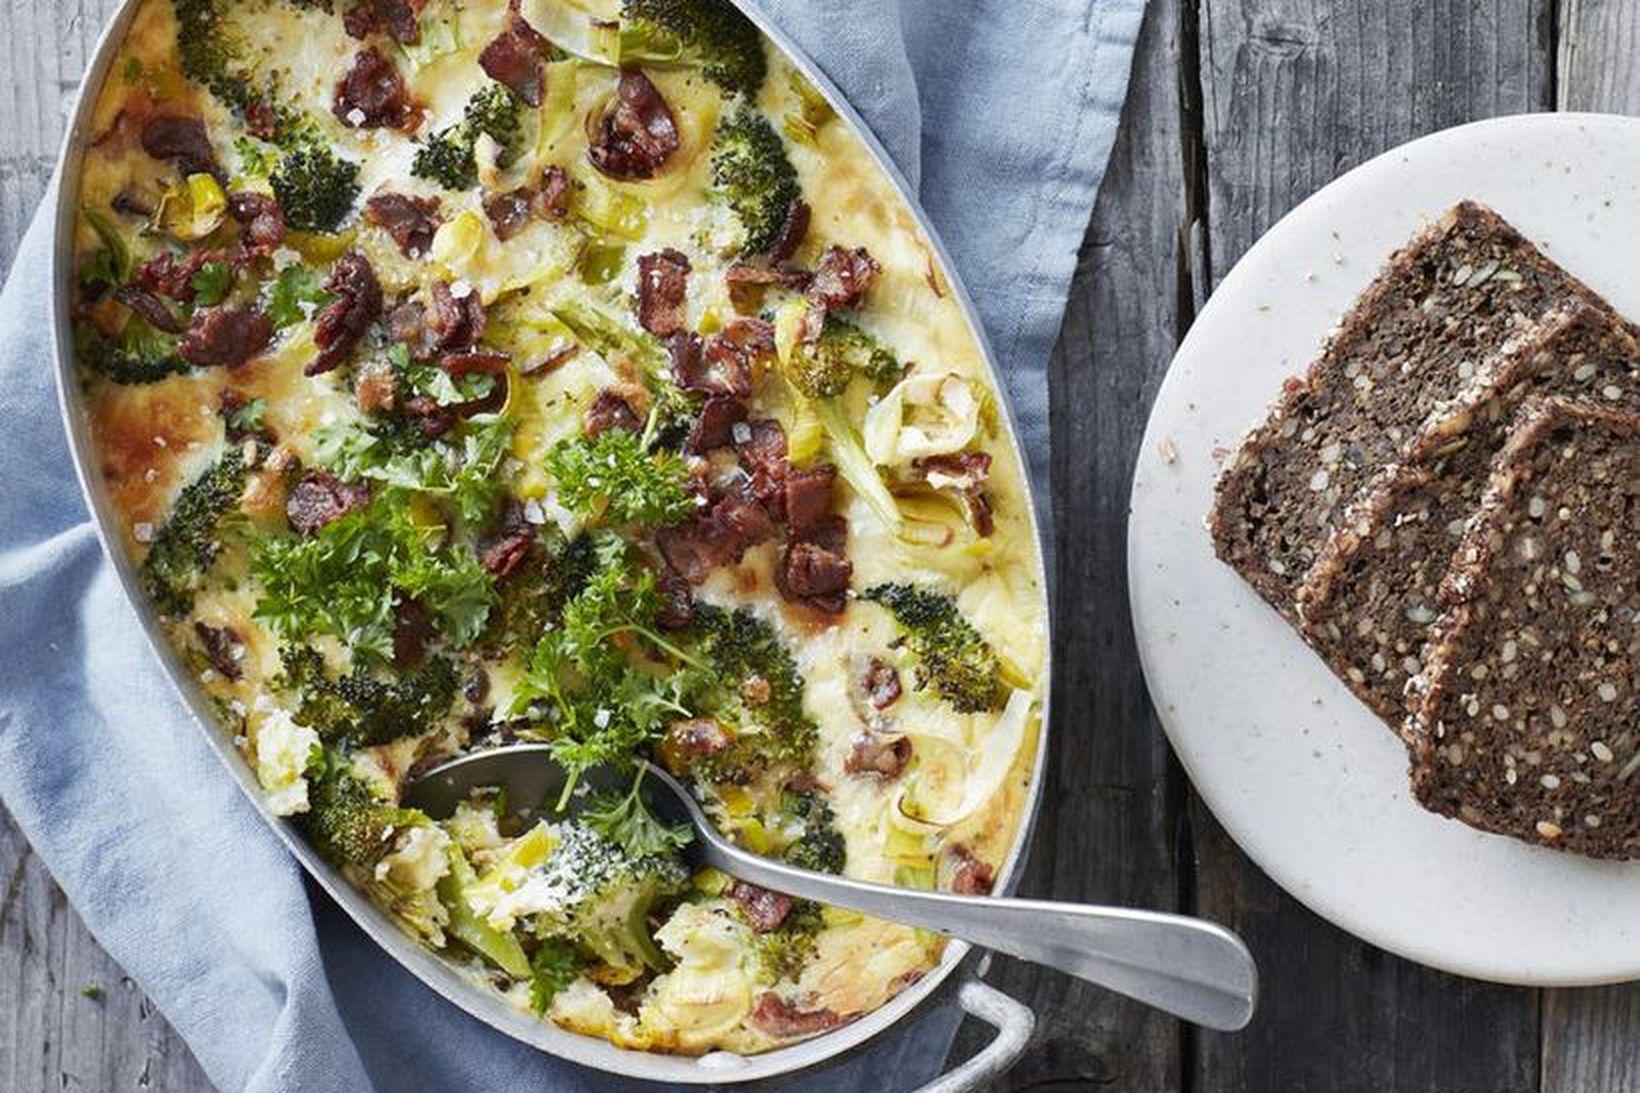 Sjúklega góð eggjakaka með brokkolí og beikoni.